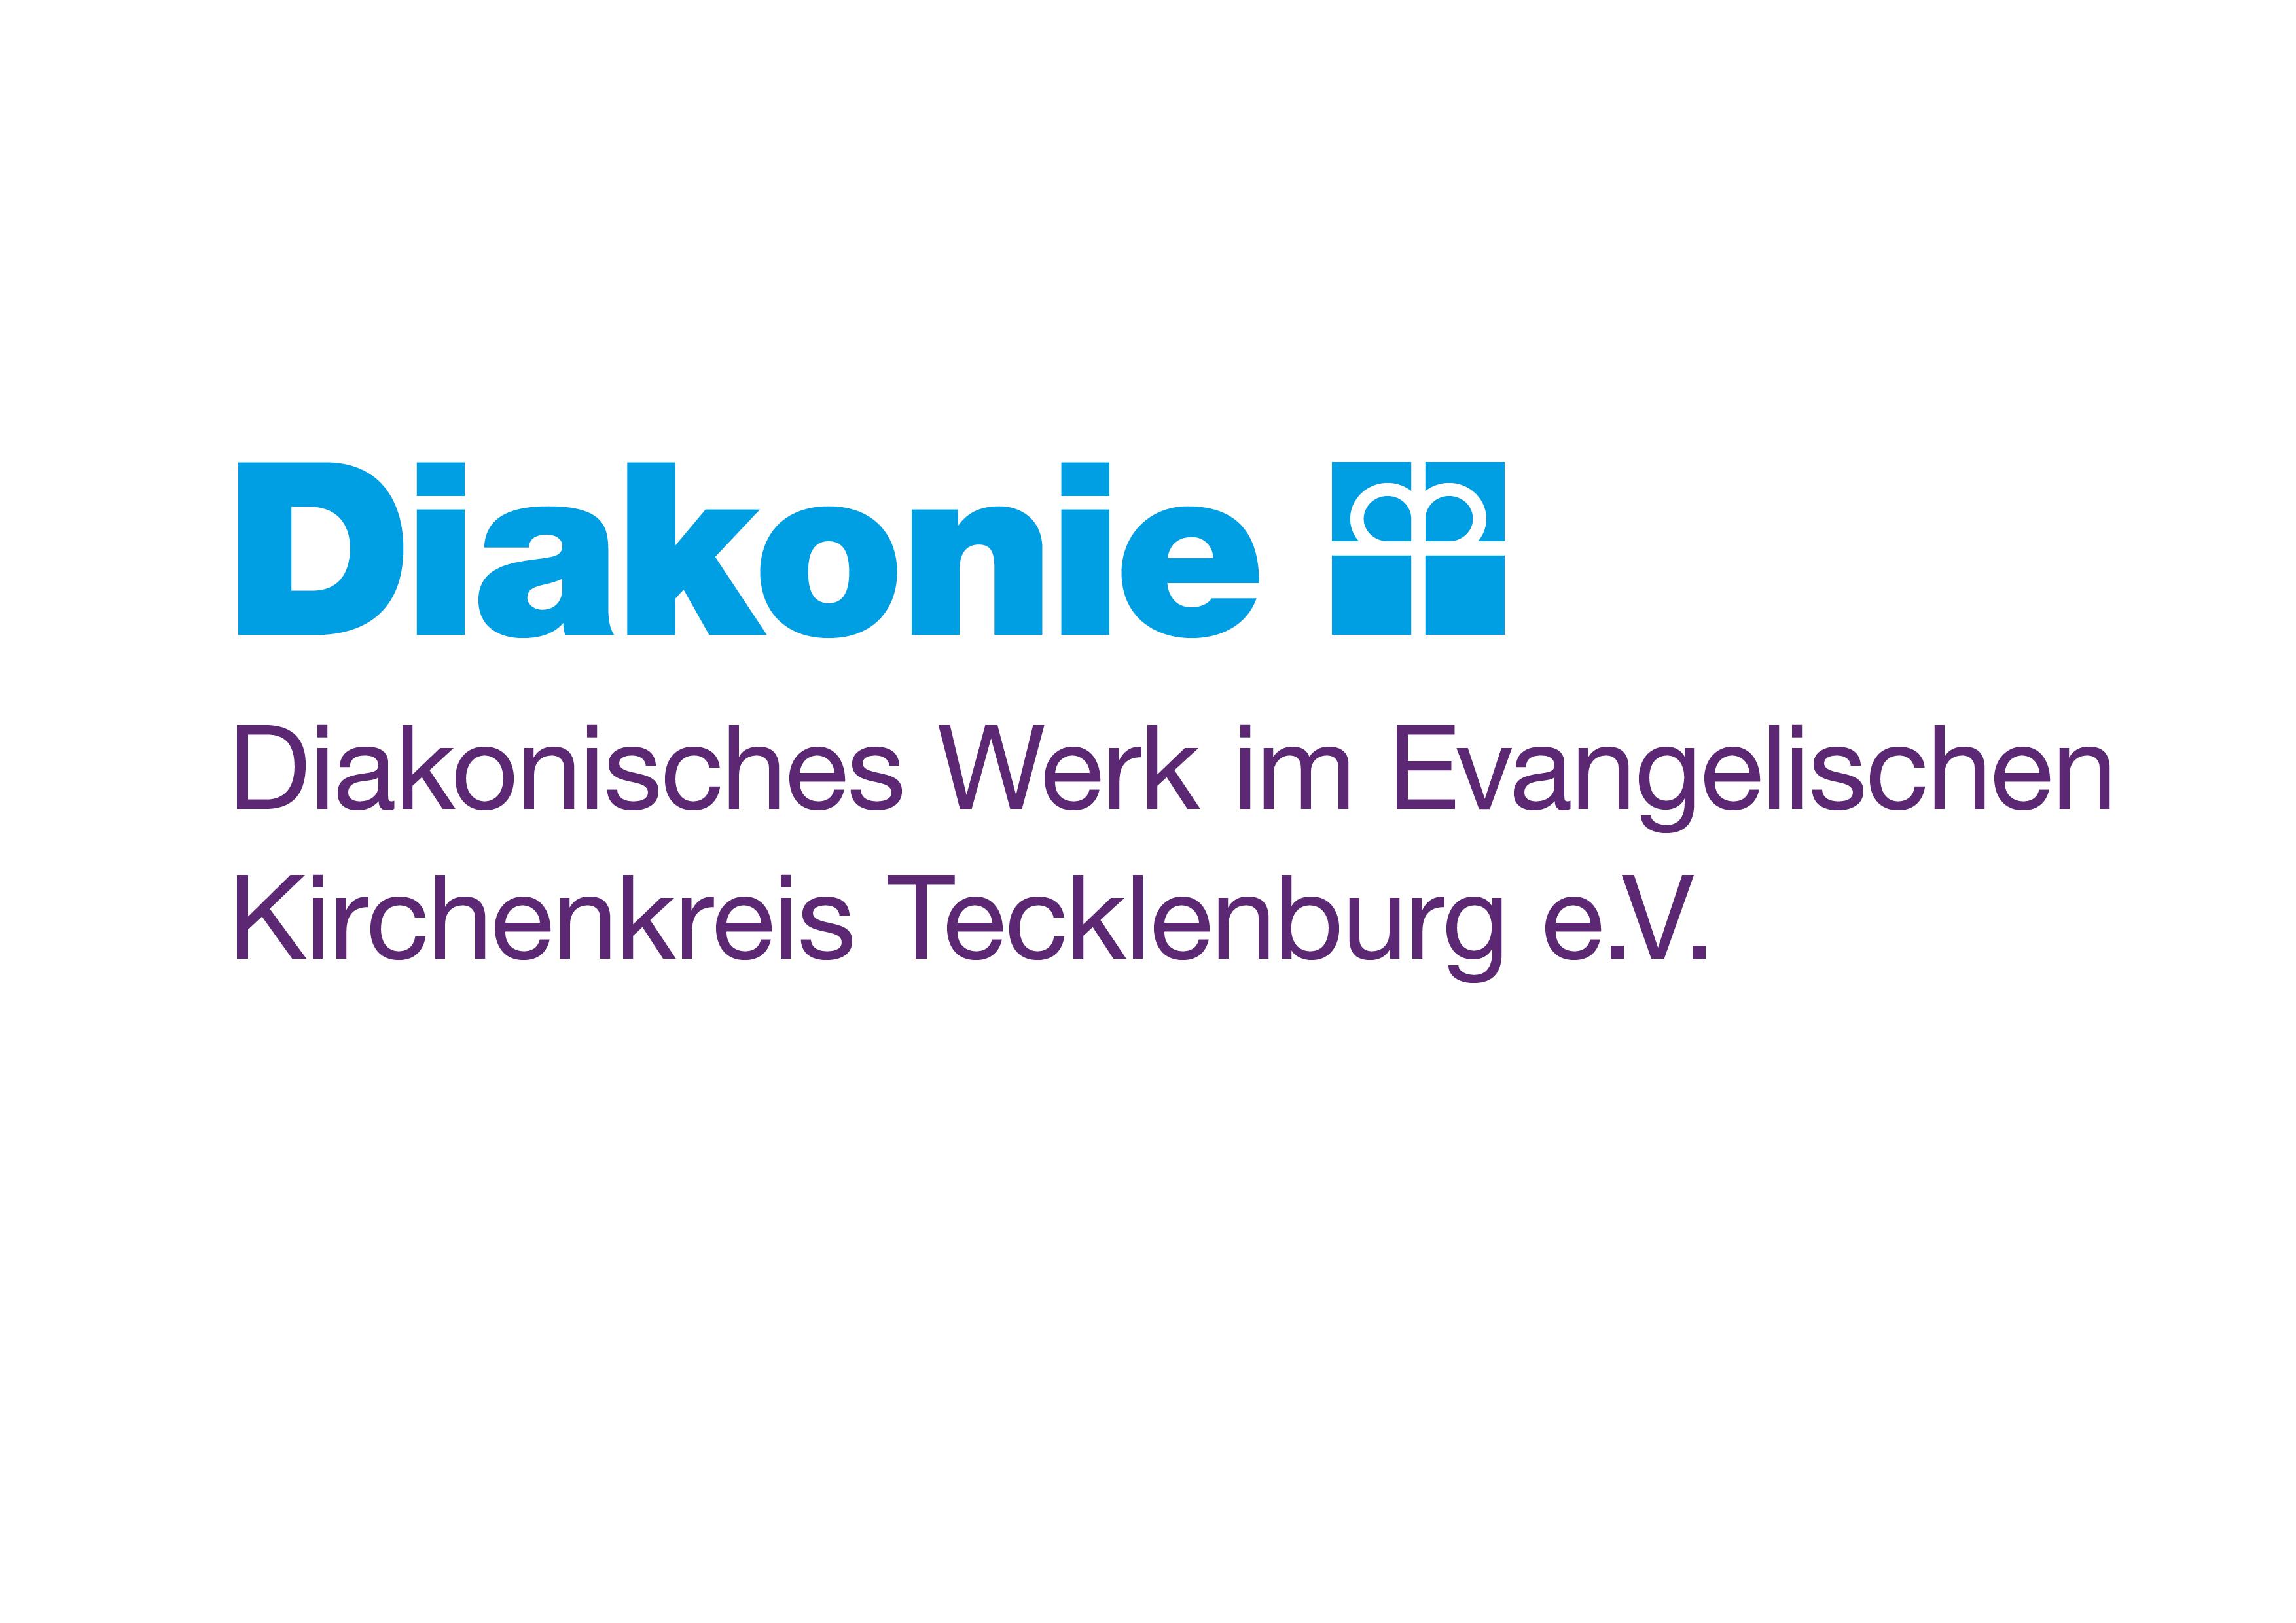 Logo: Diakonisches Werk im Evangelischen Kirchenkreis Tecklenburg e.V.